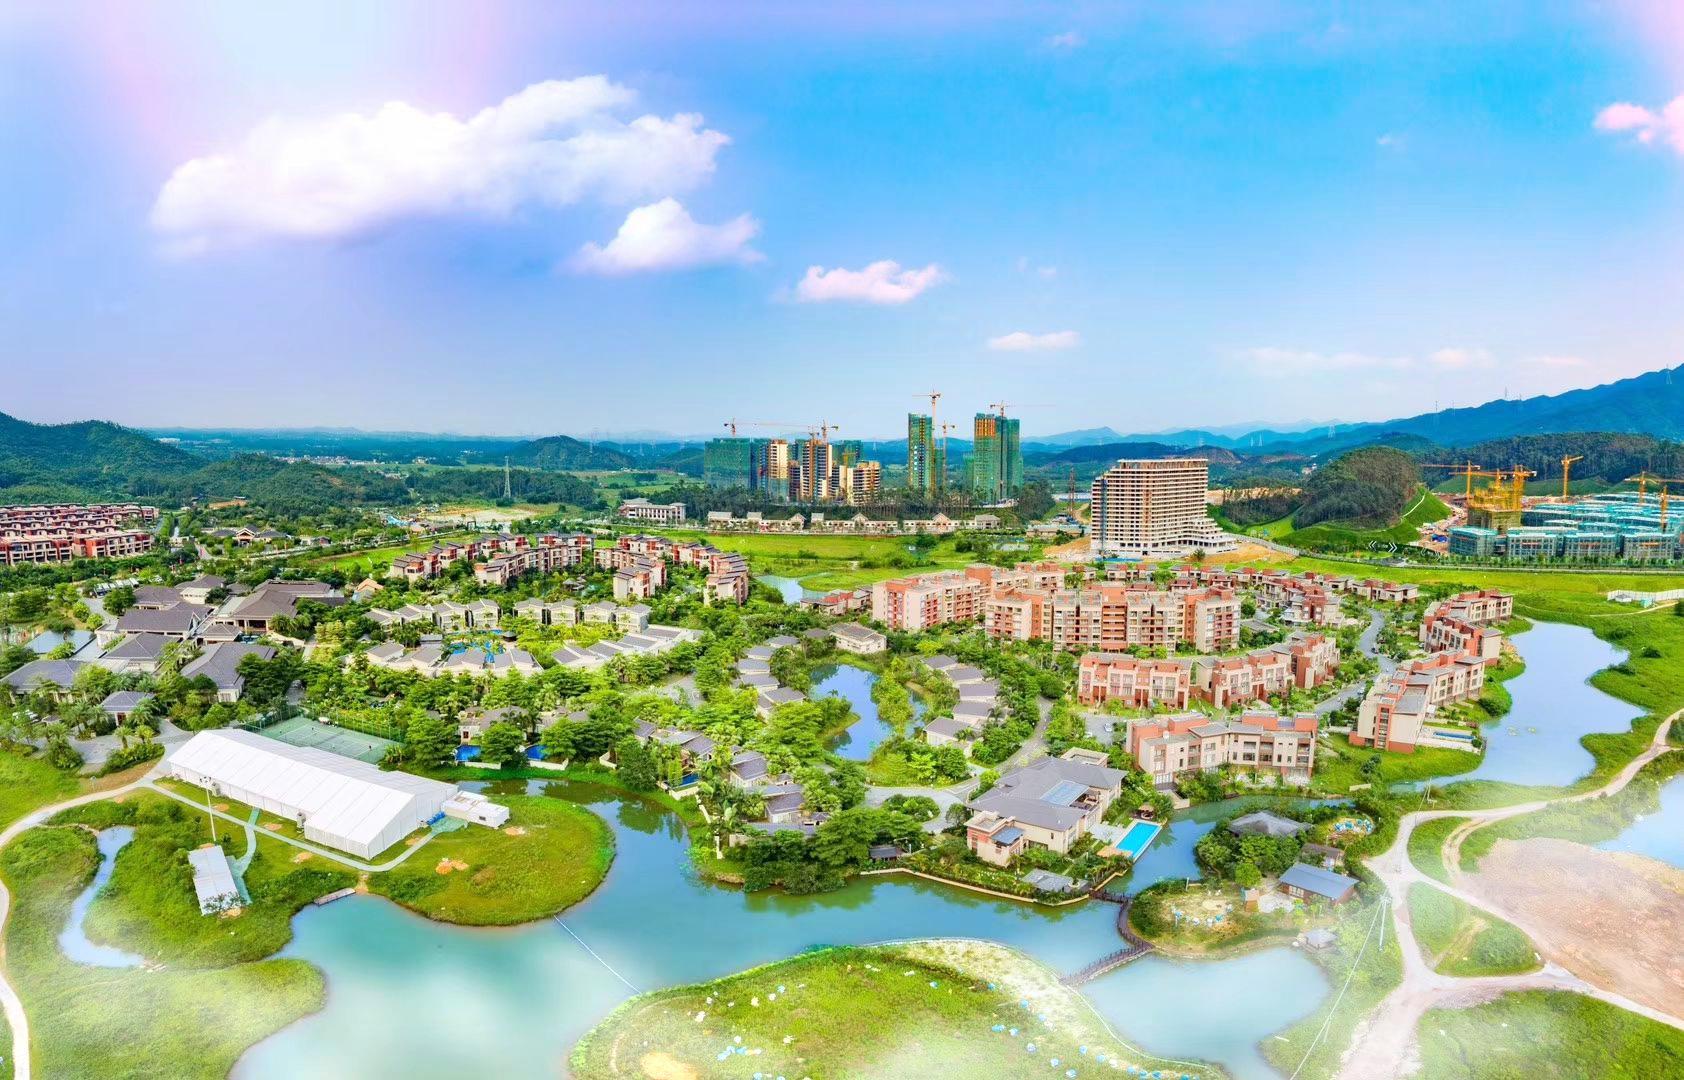 Green Land Hot Spring Region